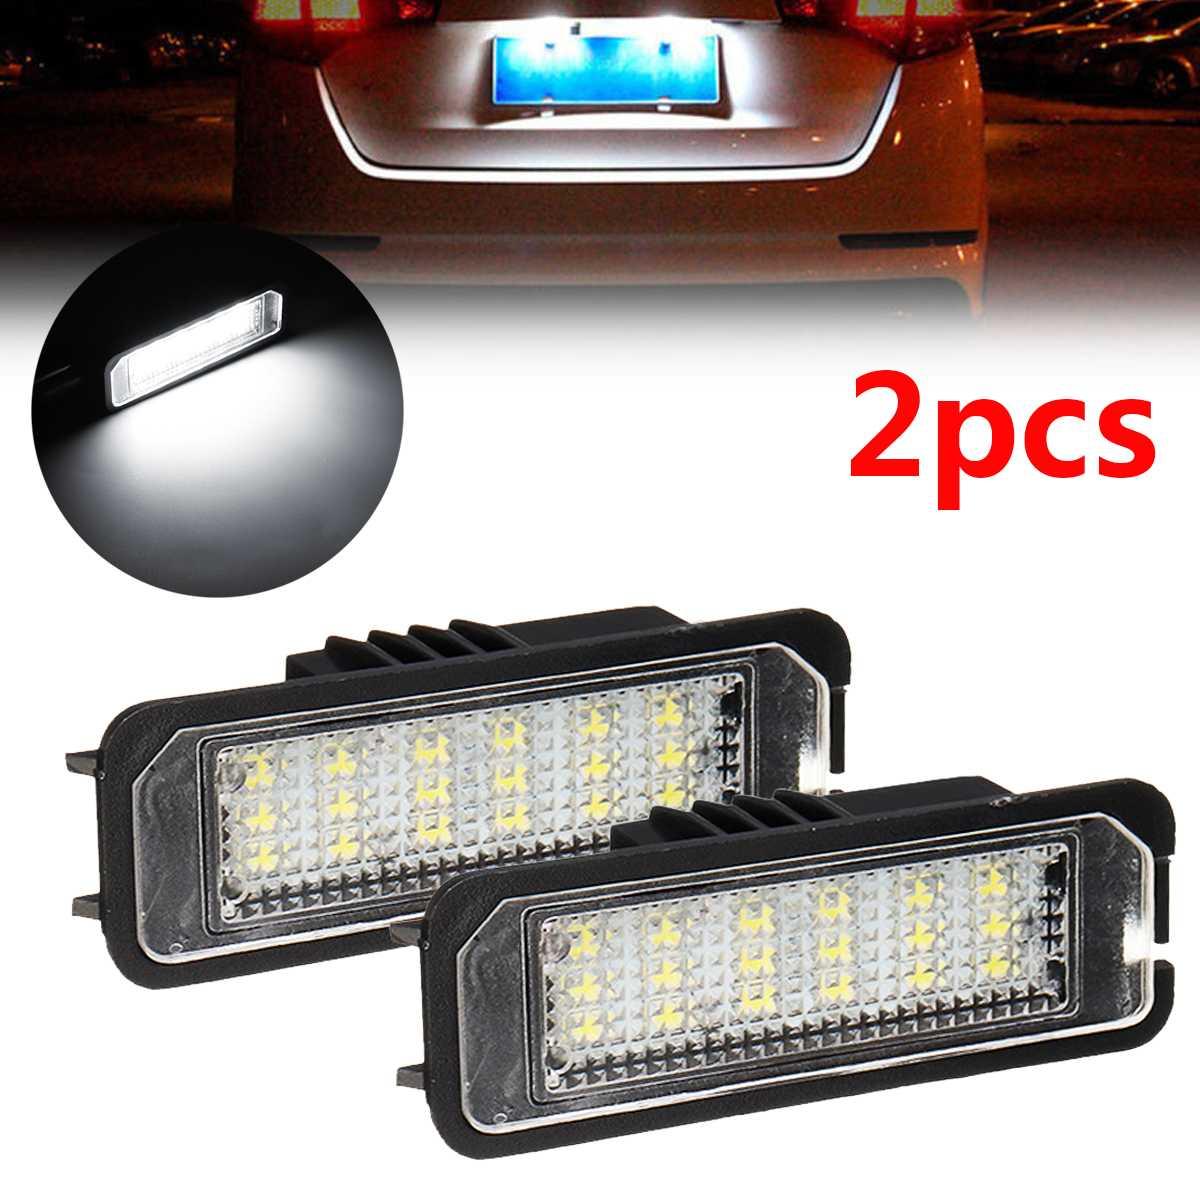 Otomobiller ve Motosikletler'ten Plaka'de 2 adet 12V 5W LED numarası plaka ışık lambaları VW GOLF 4 için 6 Polo 9N için passat araba lisansı plaka ışıkları dış erişim title=